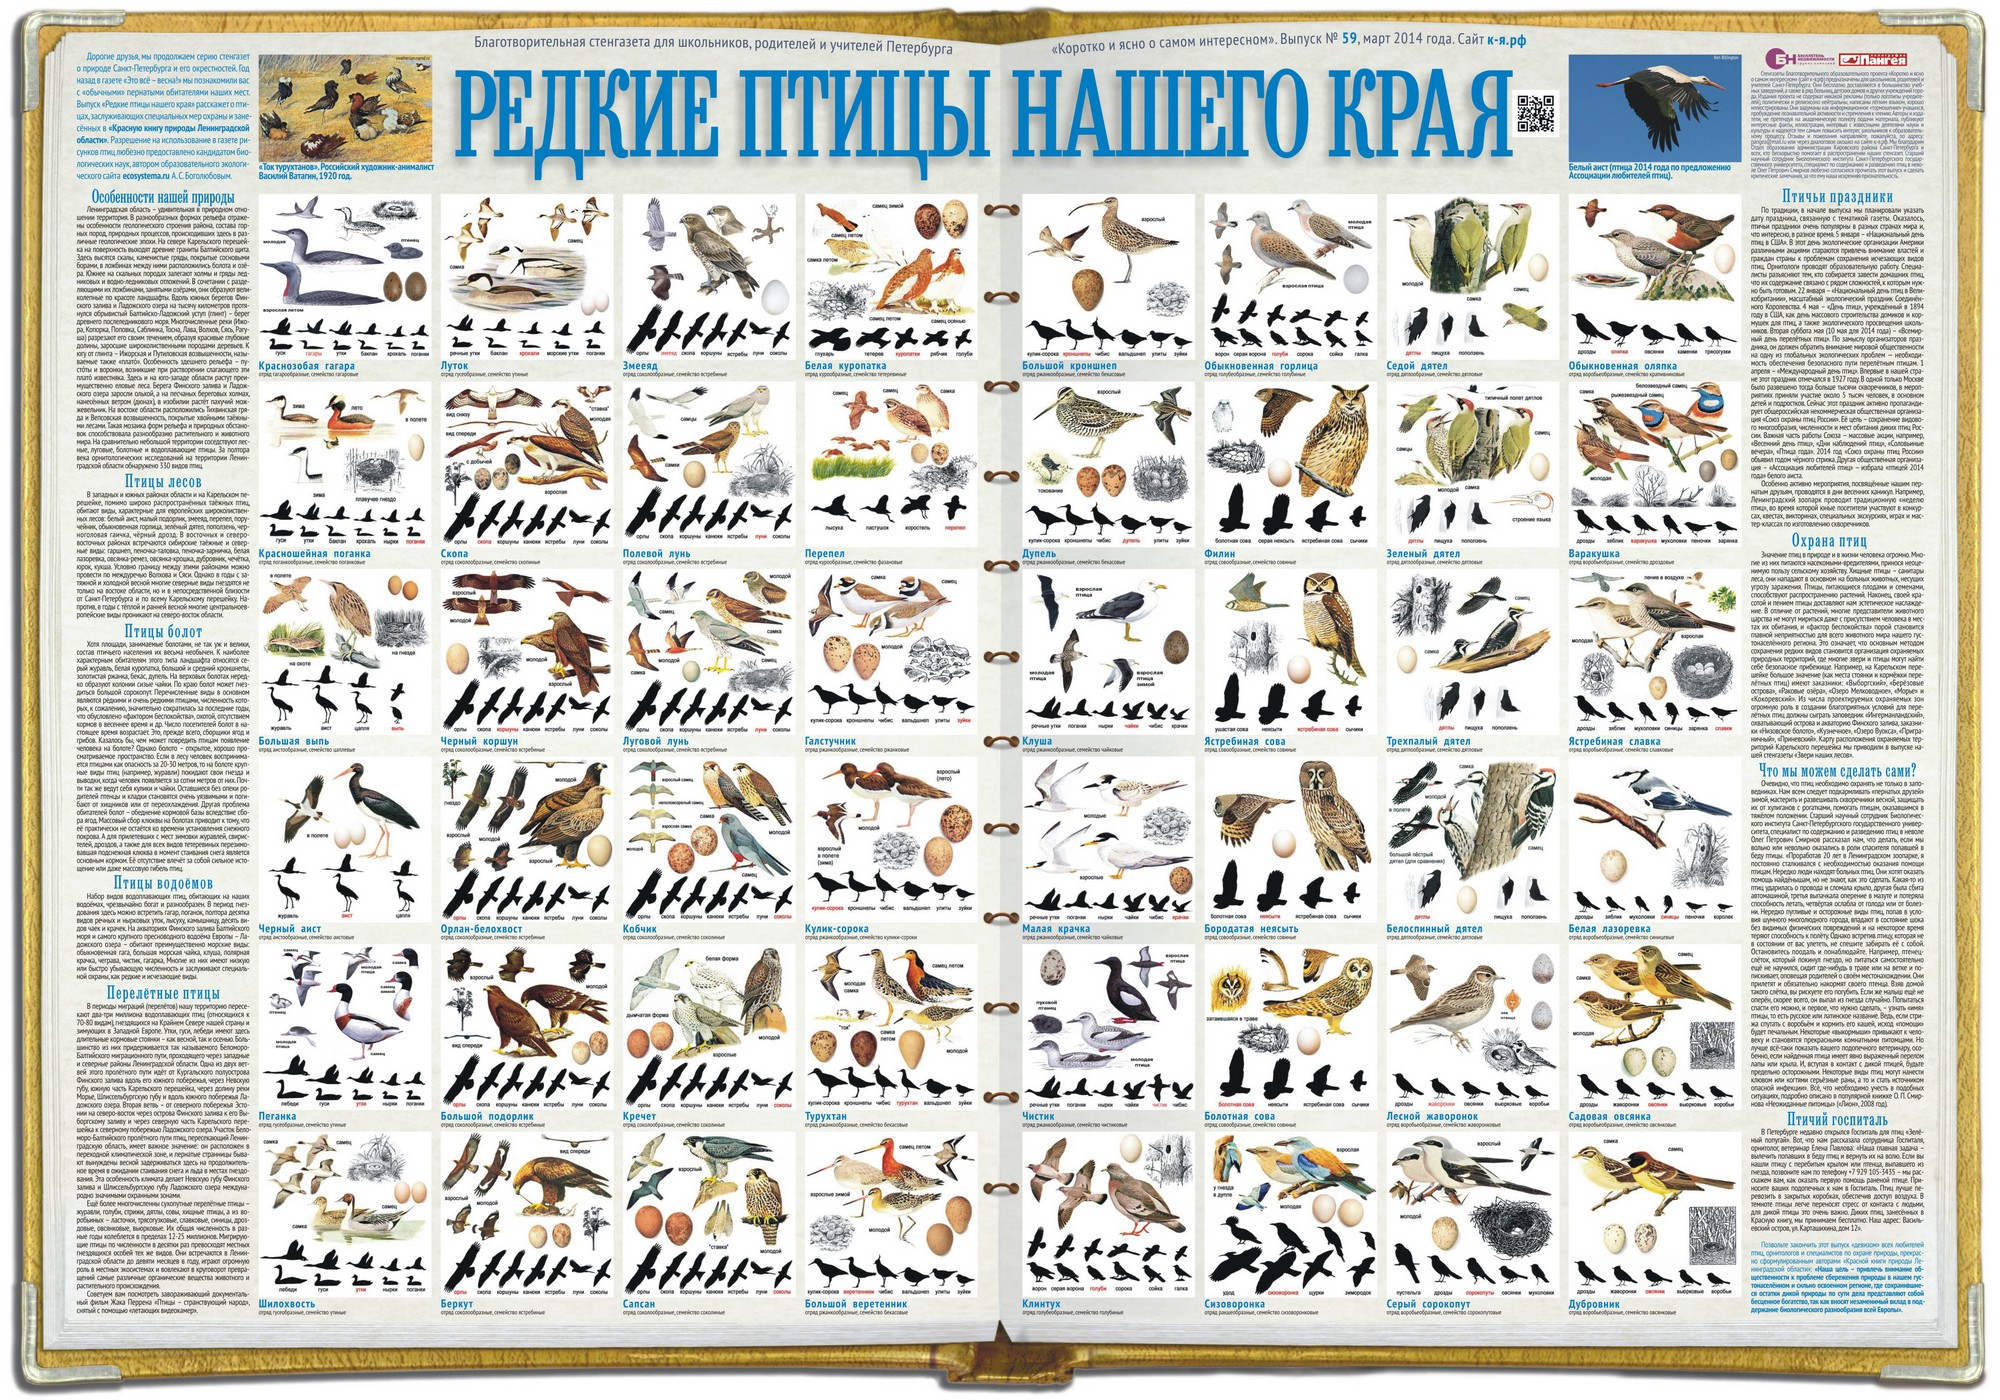 Стенгазета «Редкие птицы нашего края»